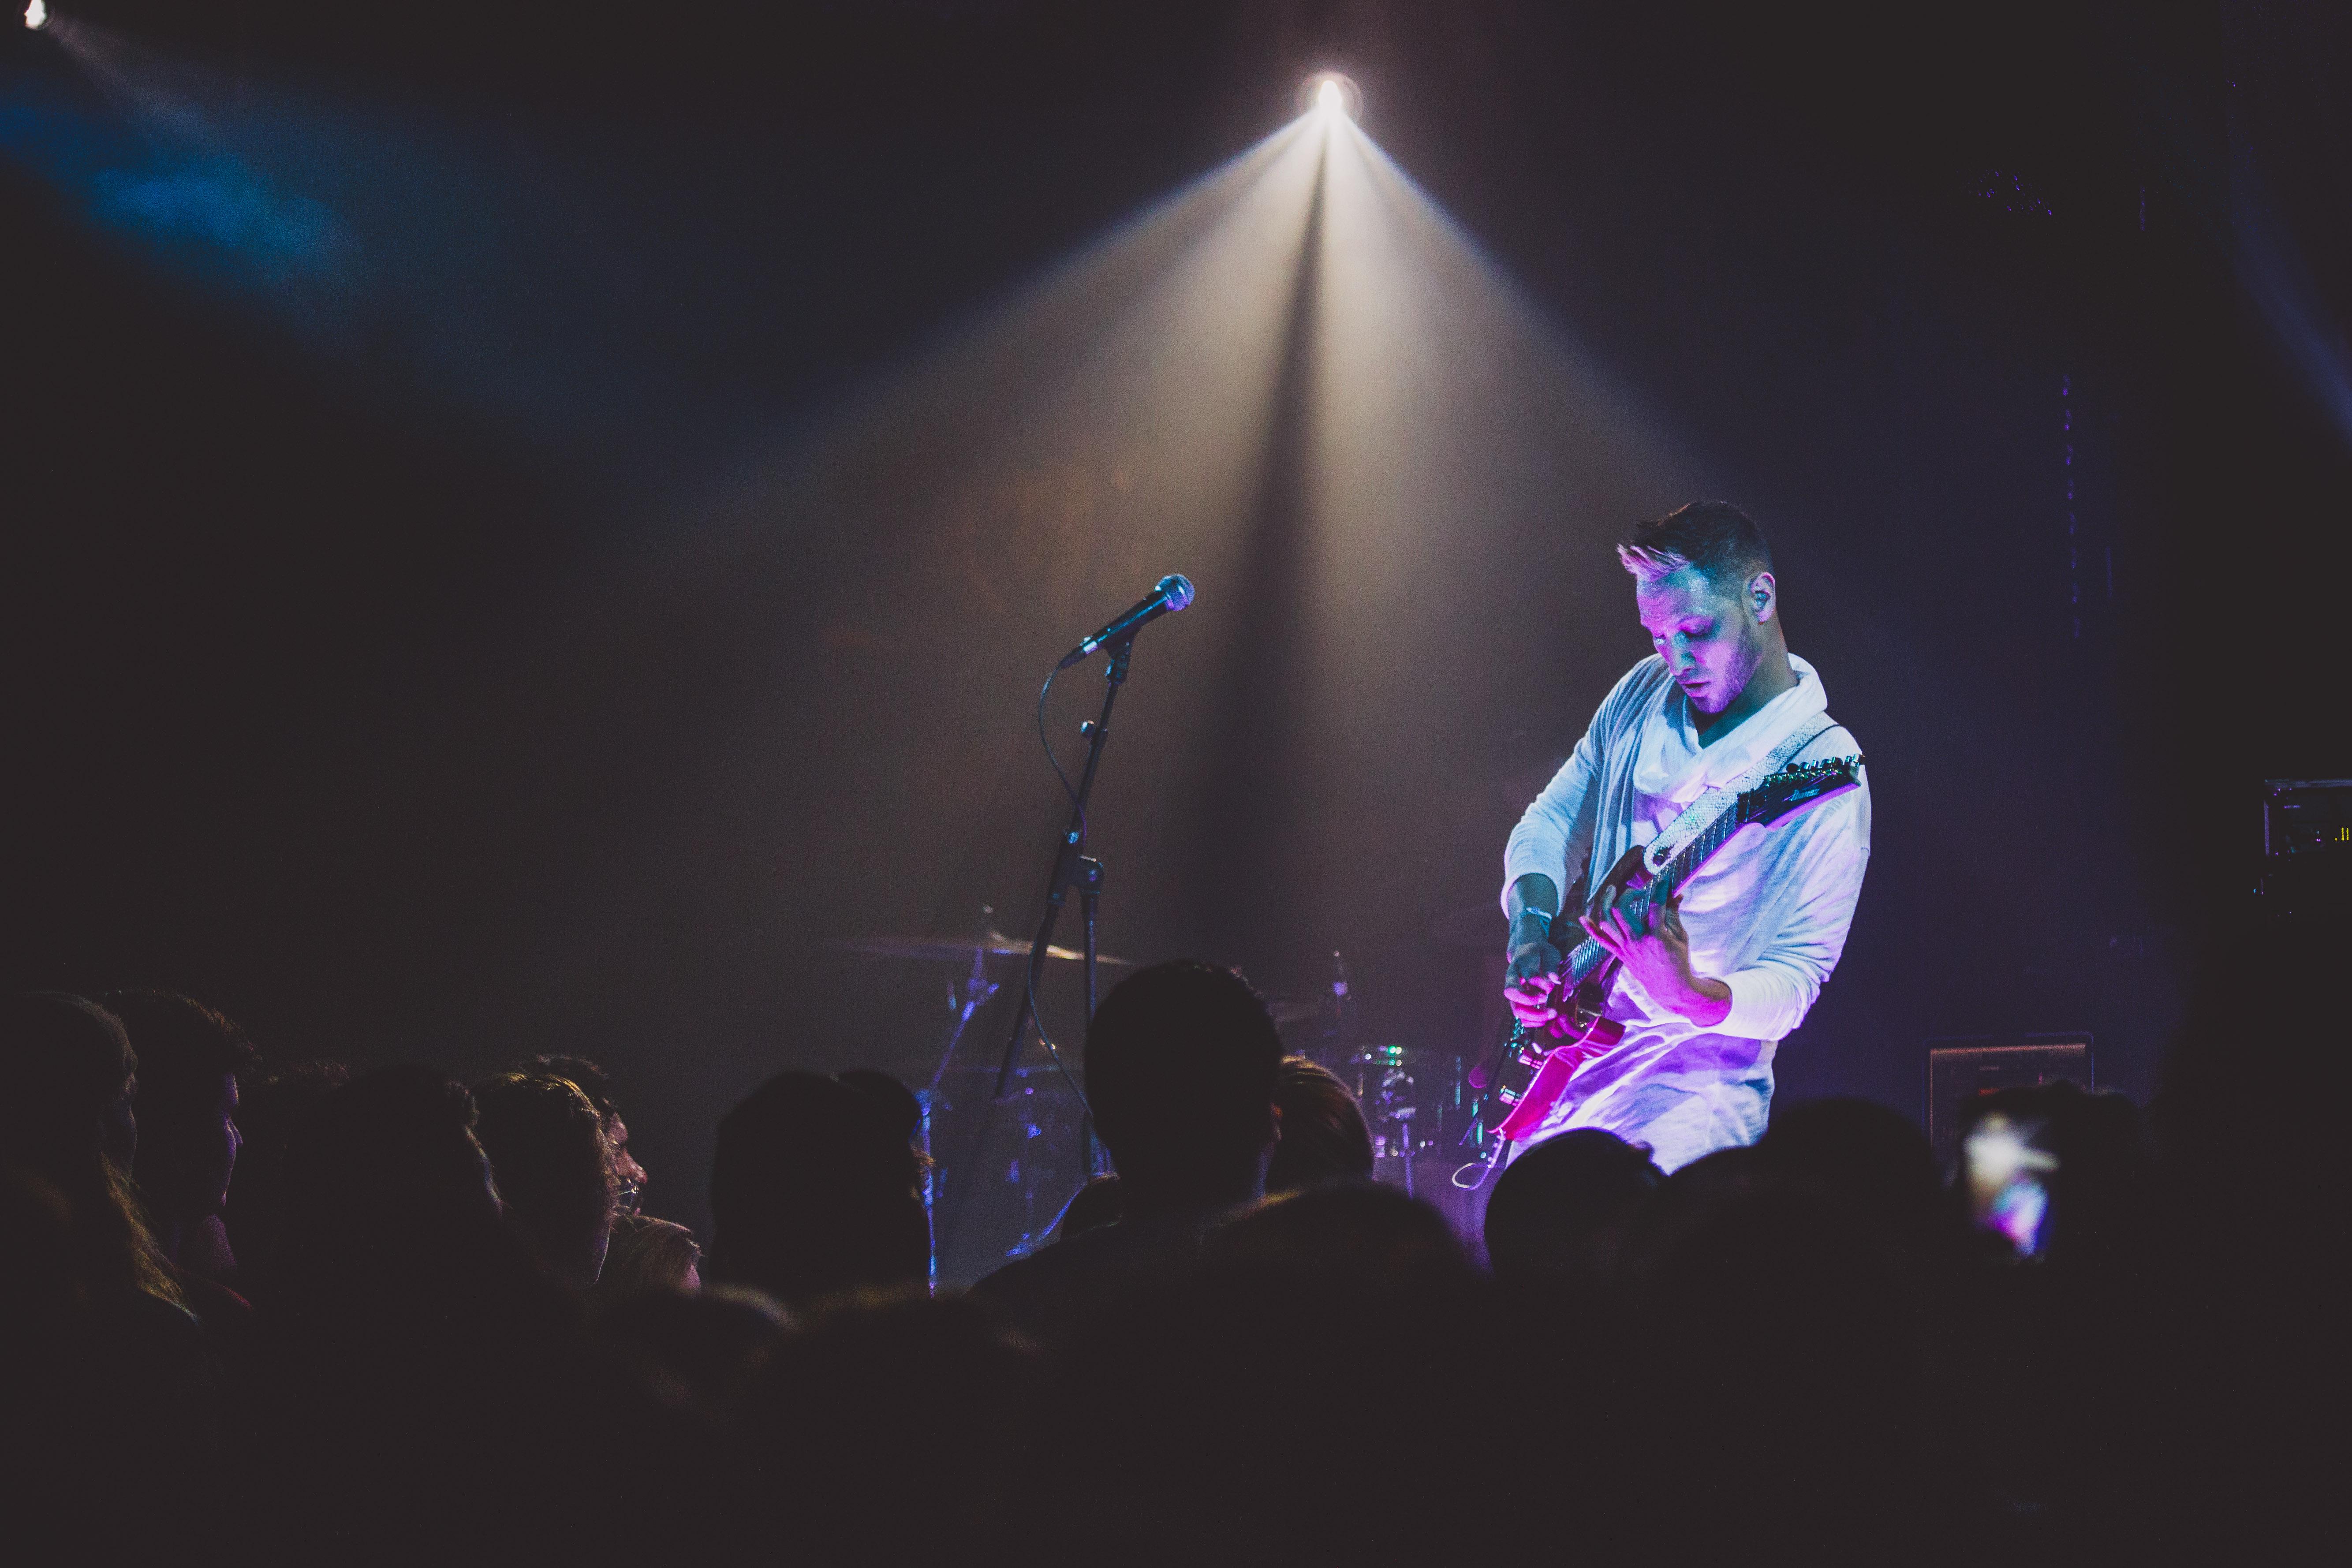 Photo by Jason Walton